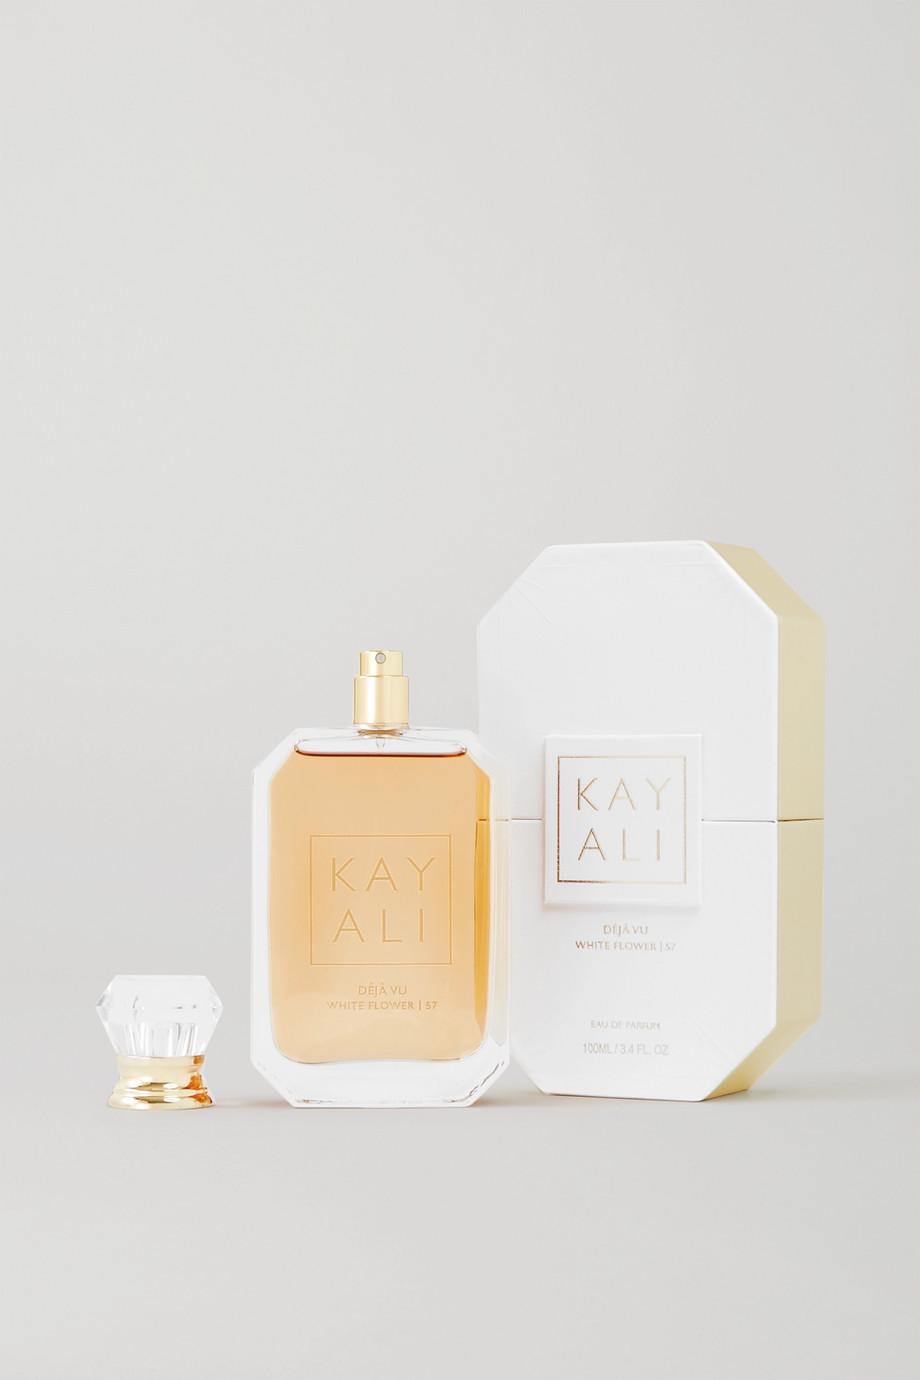 Huda Beauty Kayali Eau de Parfum – Déjà Vu White Flower 57, 100 ml – Eau de Parfum